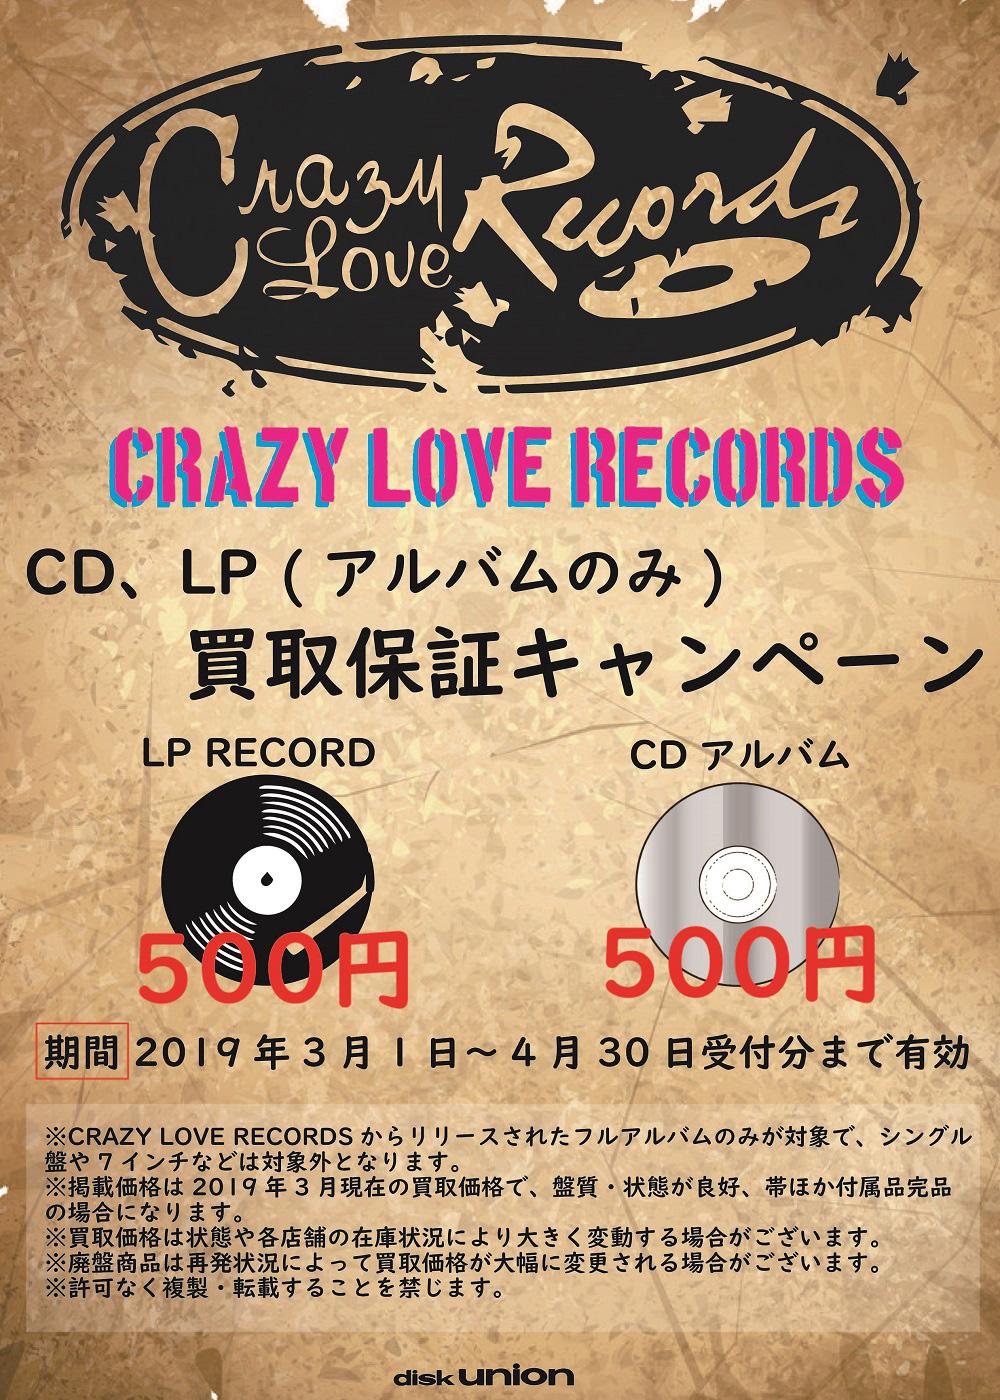 CRAZY LOVE RECORDS買取保証キャンペーン